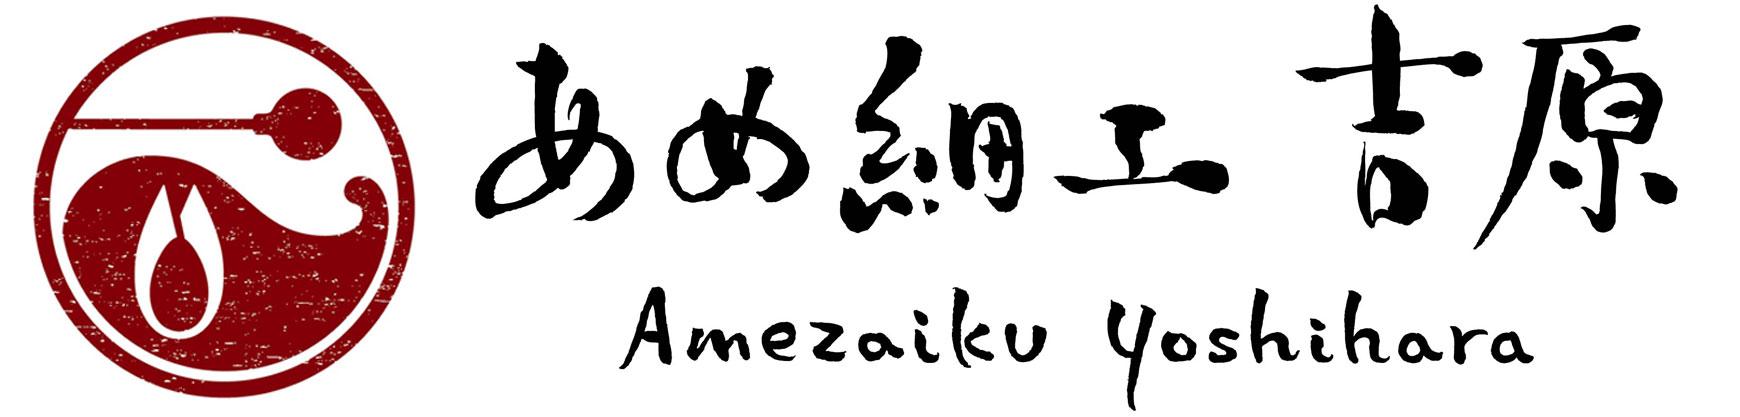 あめ細工 吉原 / AMEZAIKU YOSHIHARA - 日本伝統飴細工の専門店